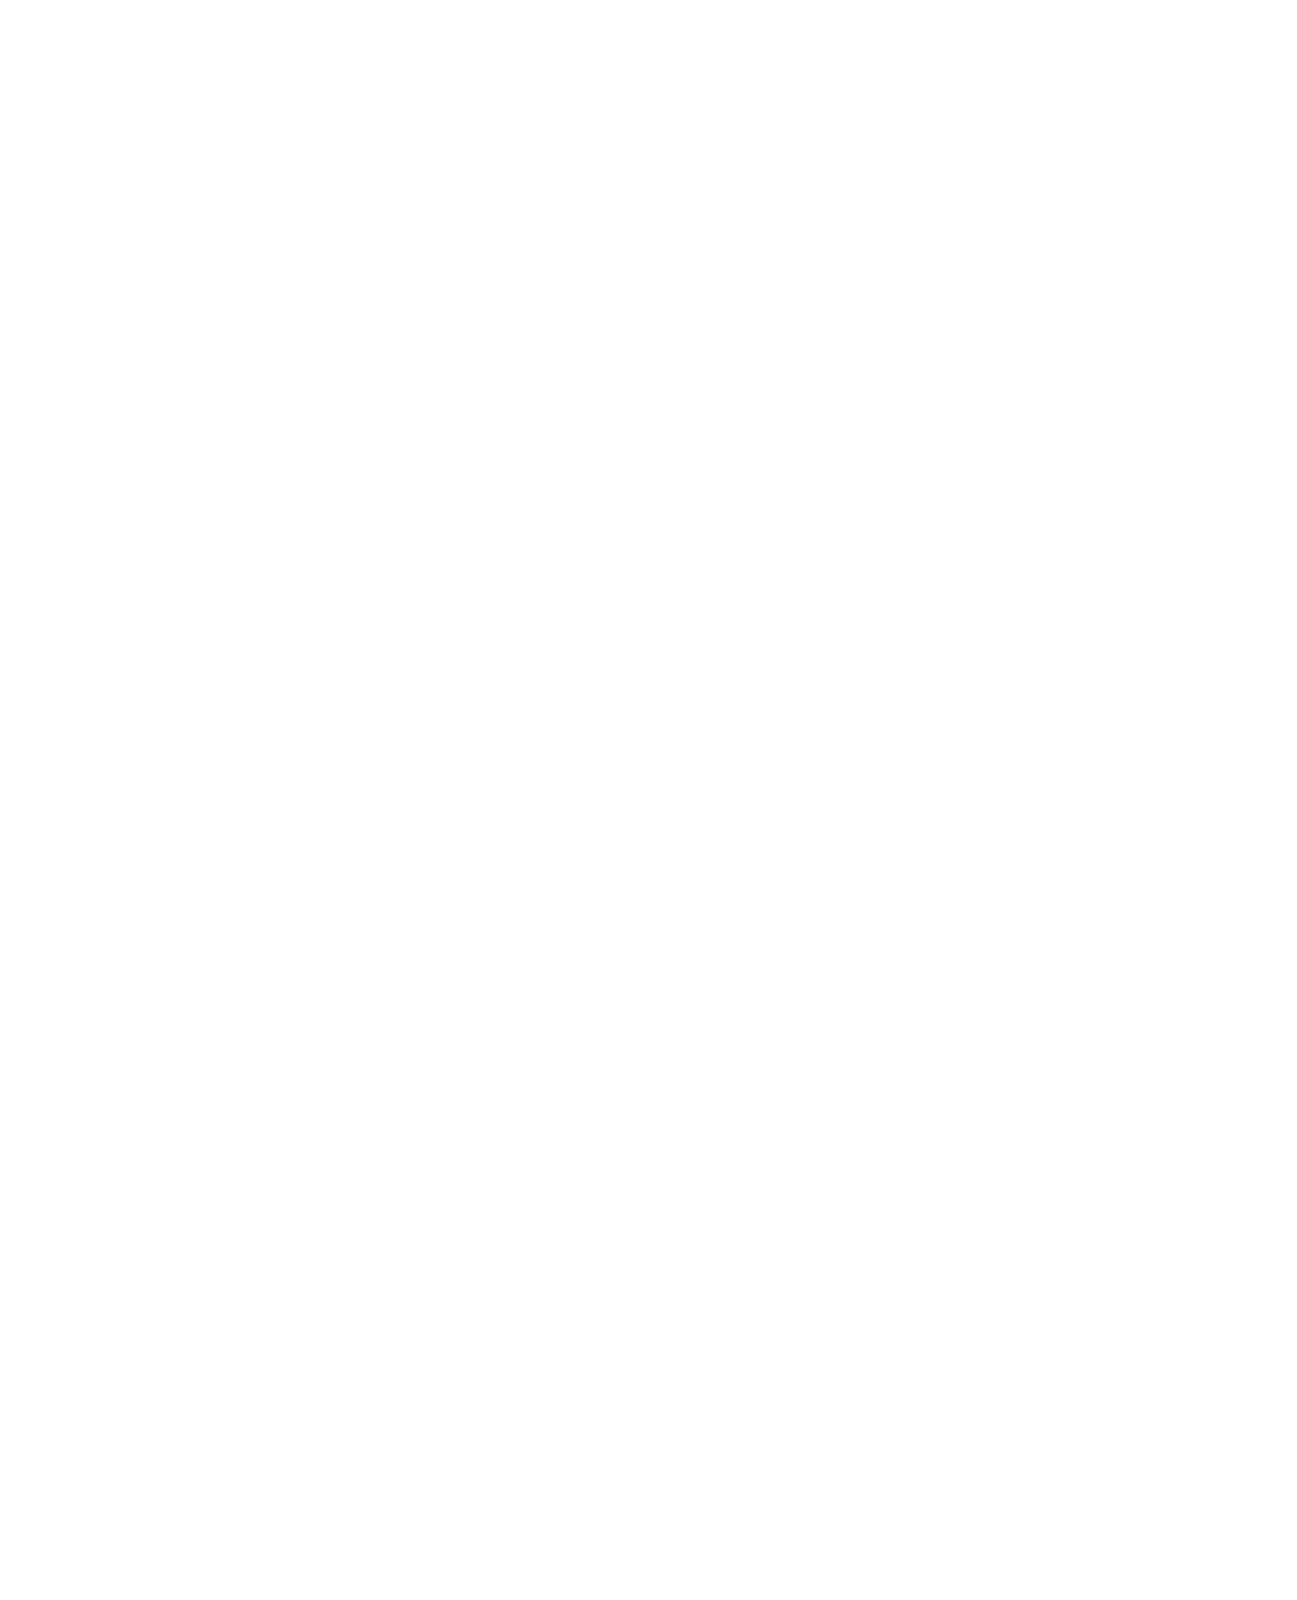 BENAR UVR